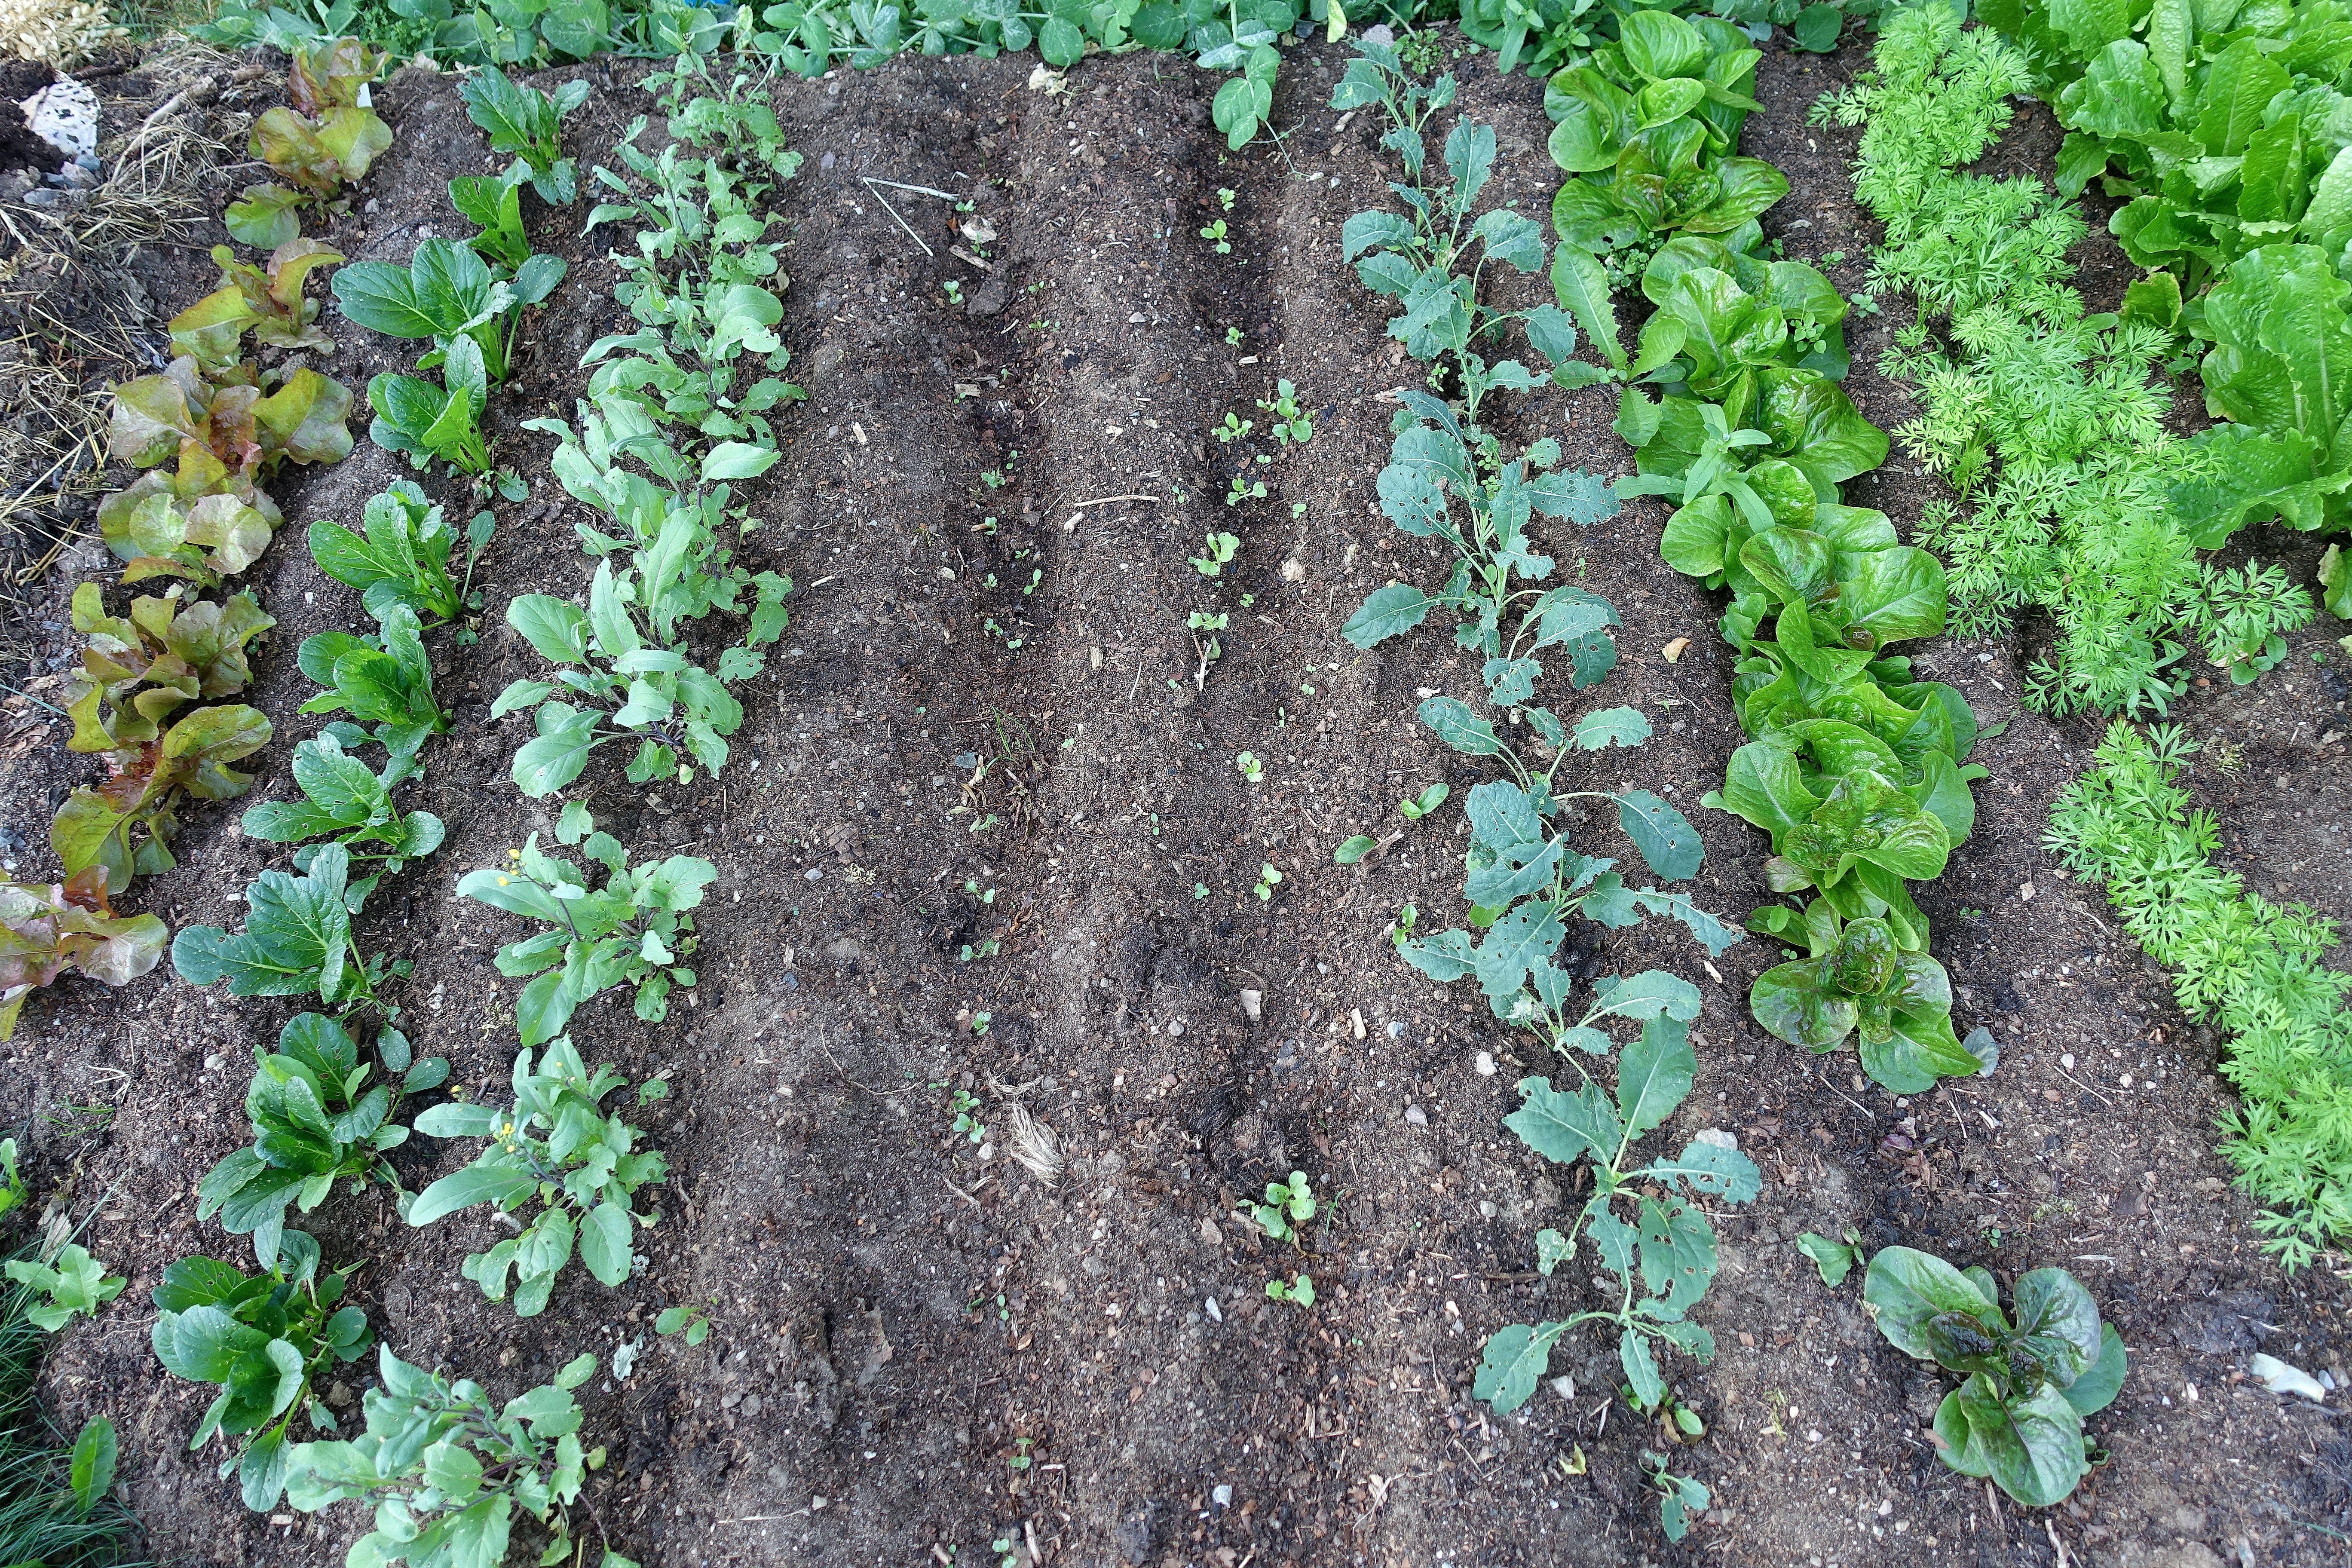 Bild på bladgrönsaker, små, i täta rader i svart jord. Grow in shade, leafy greens in the black soil.